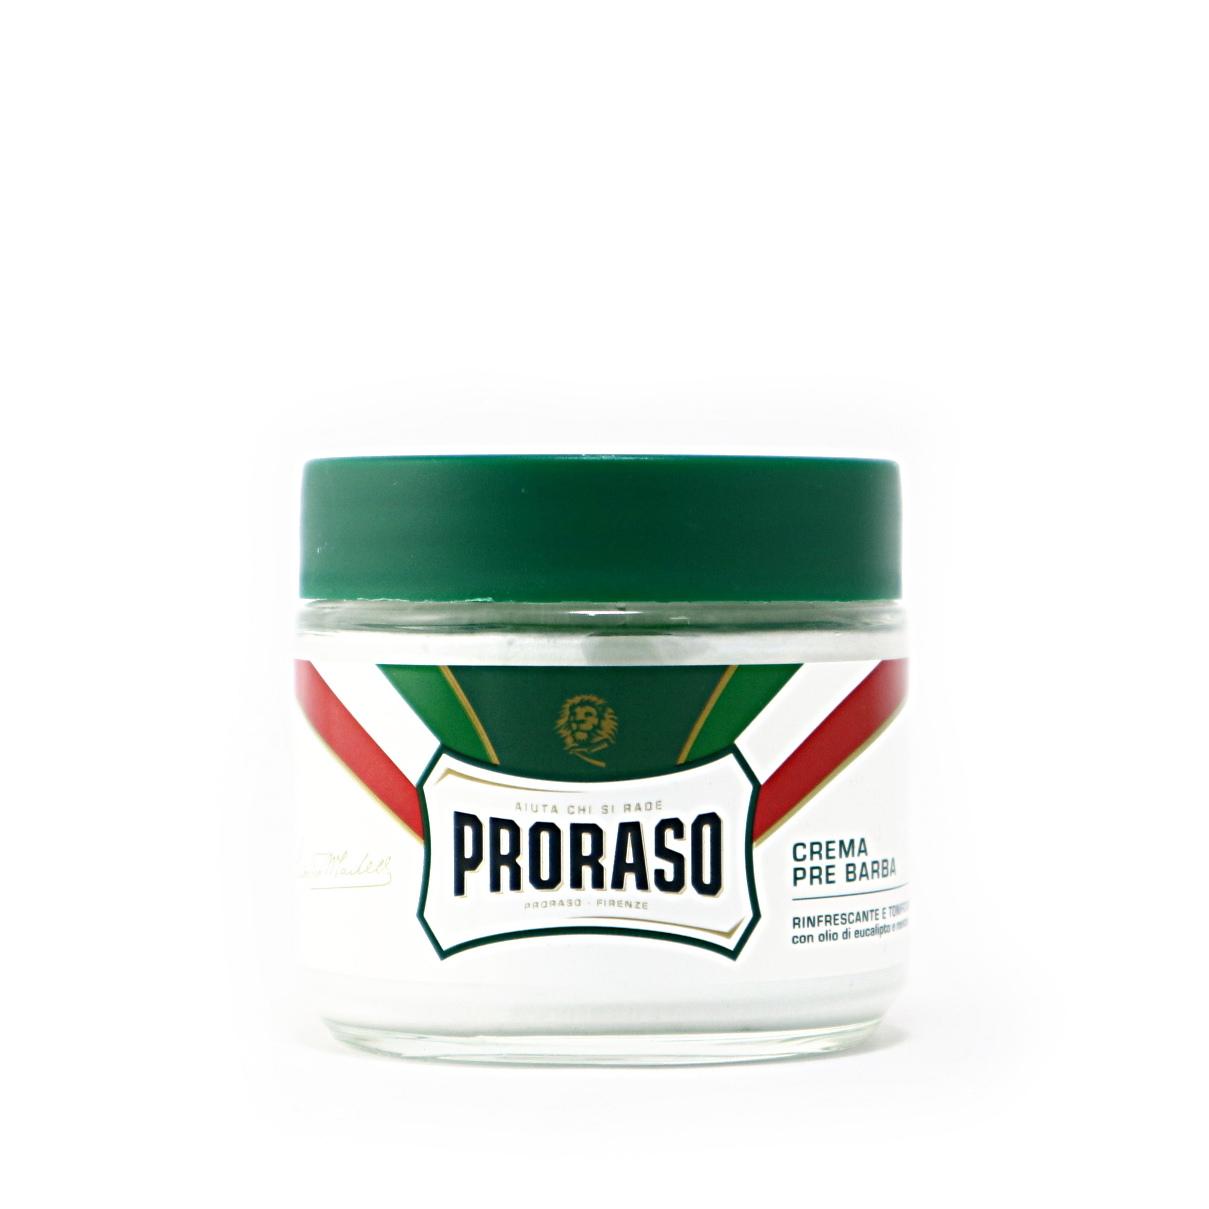 プレシェーブクリーム リフレッシュ/PRORASO(シェービングクリーム)